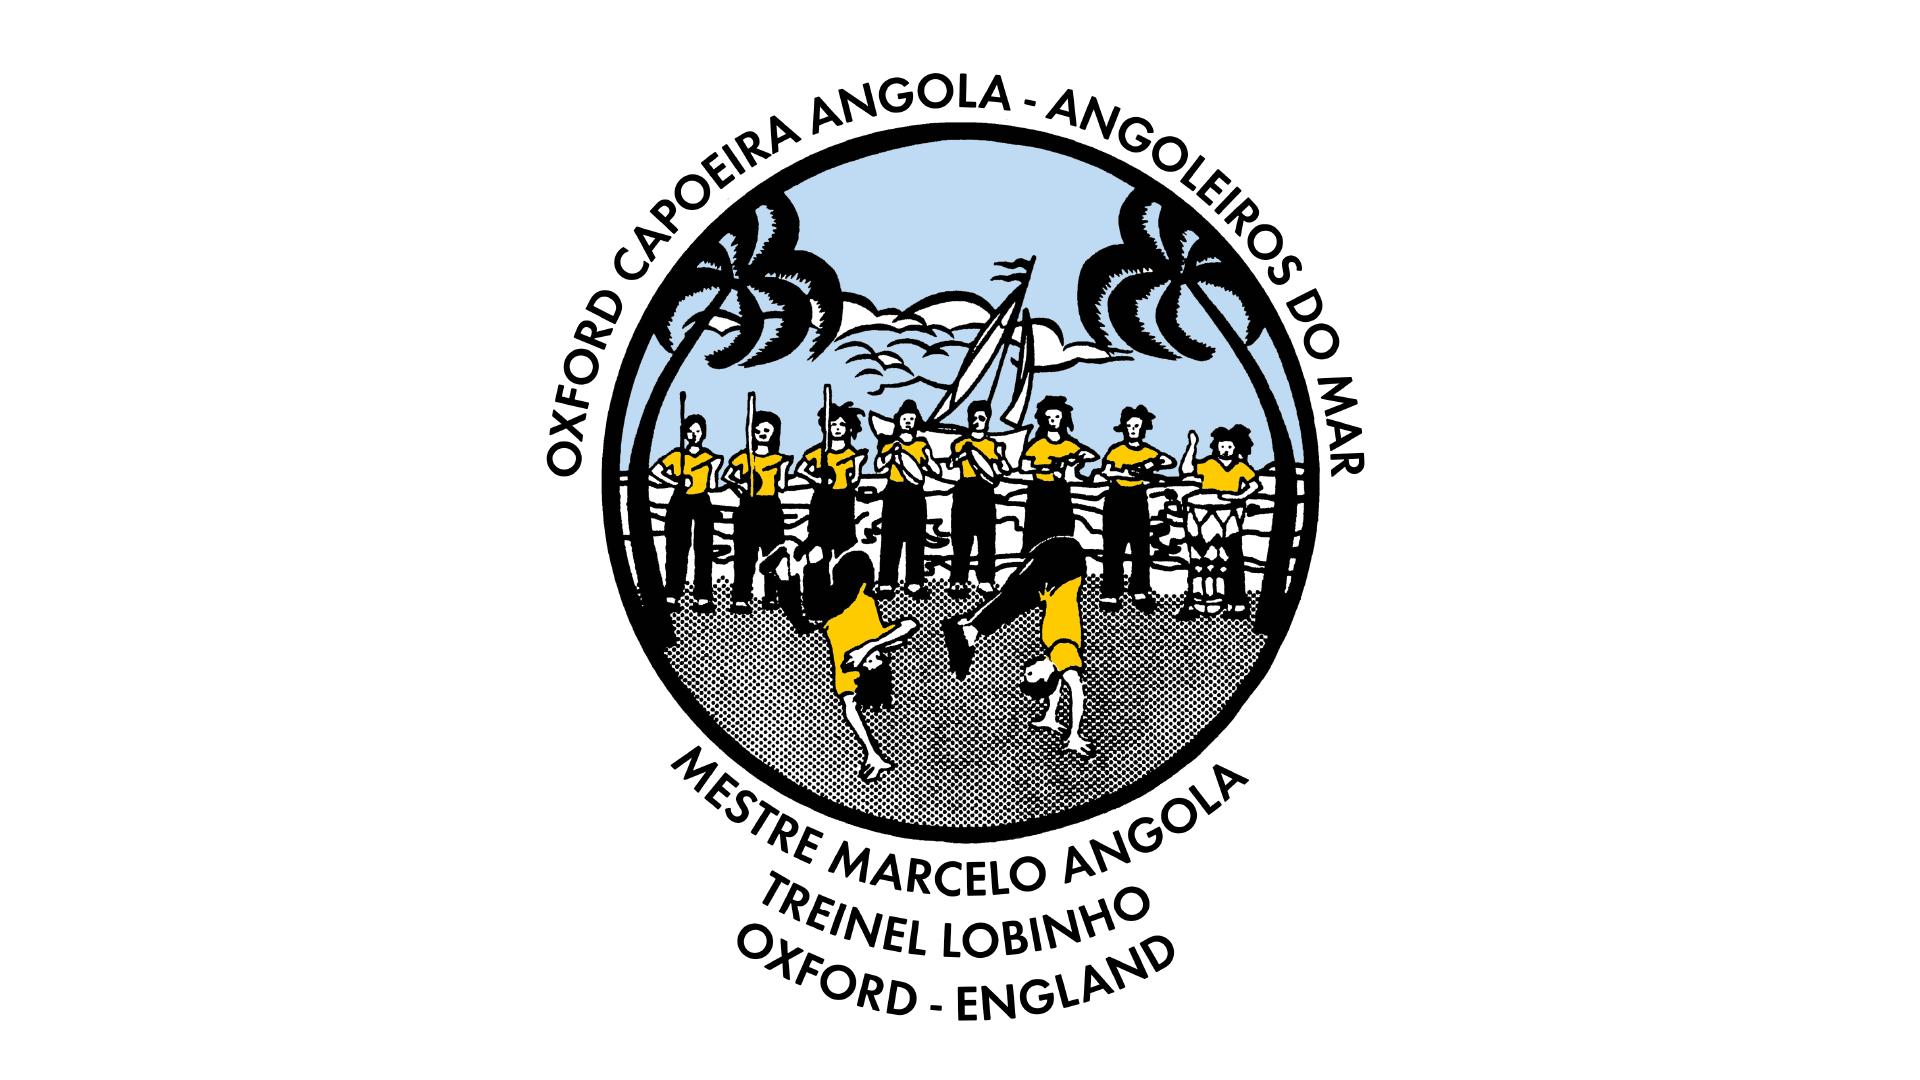 Oxford Capoeira Angola